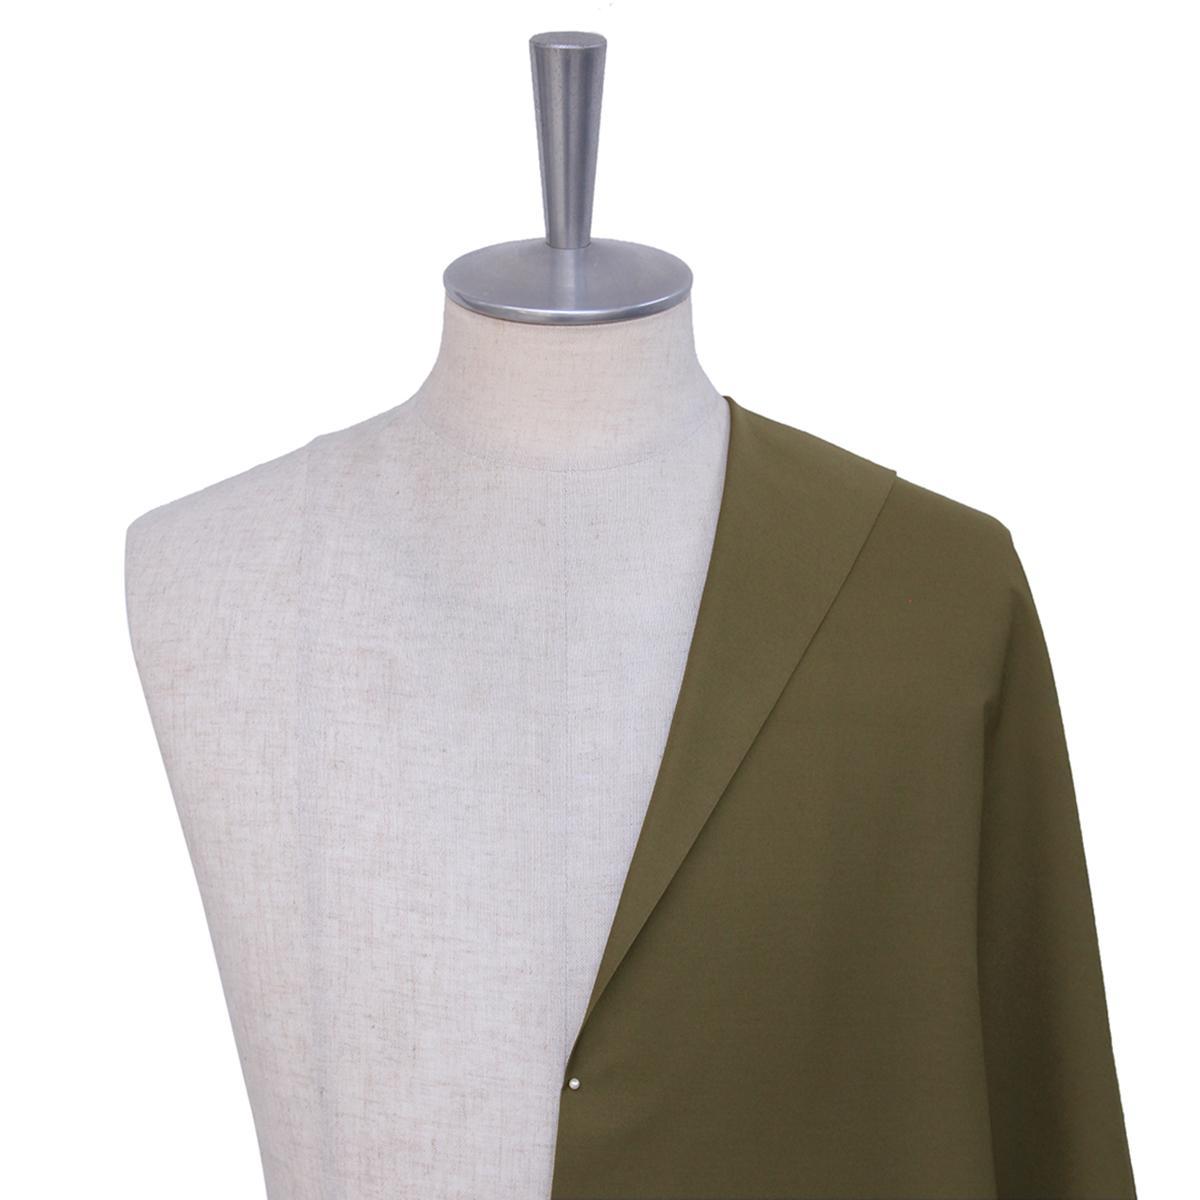 [オーダーレディーススーツ スカートセット]【キャバスストレッチ】 ストレッチ✕光沢感をもったコットン生地